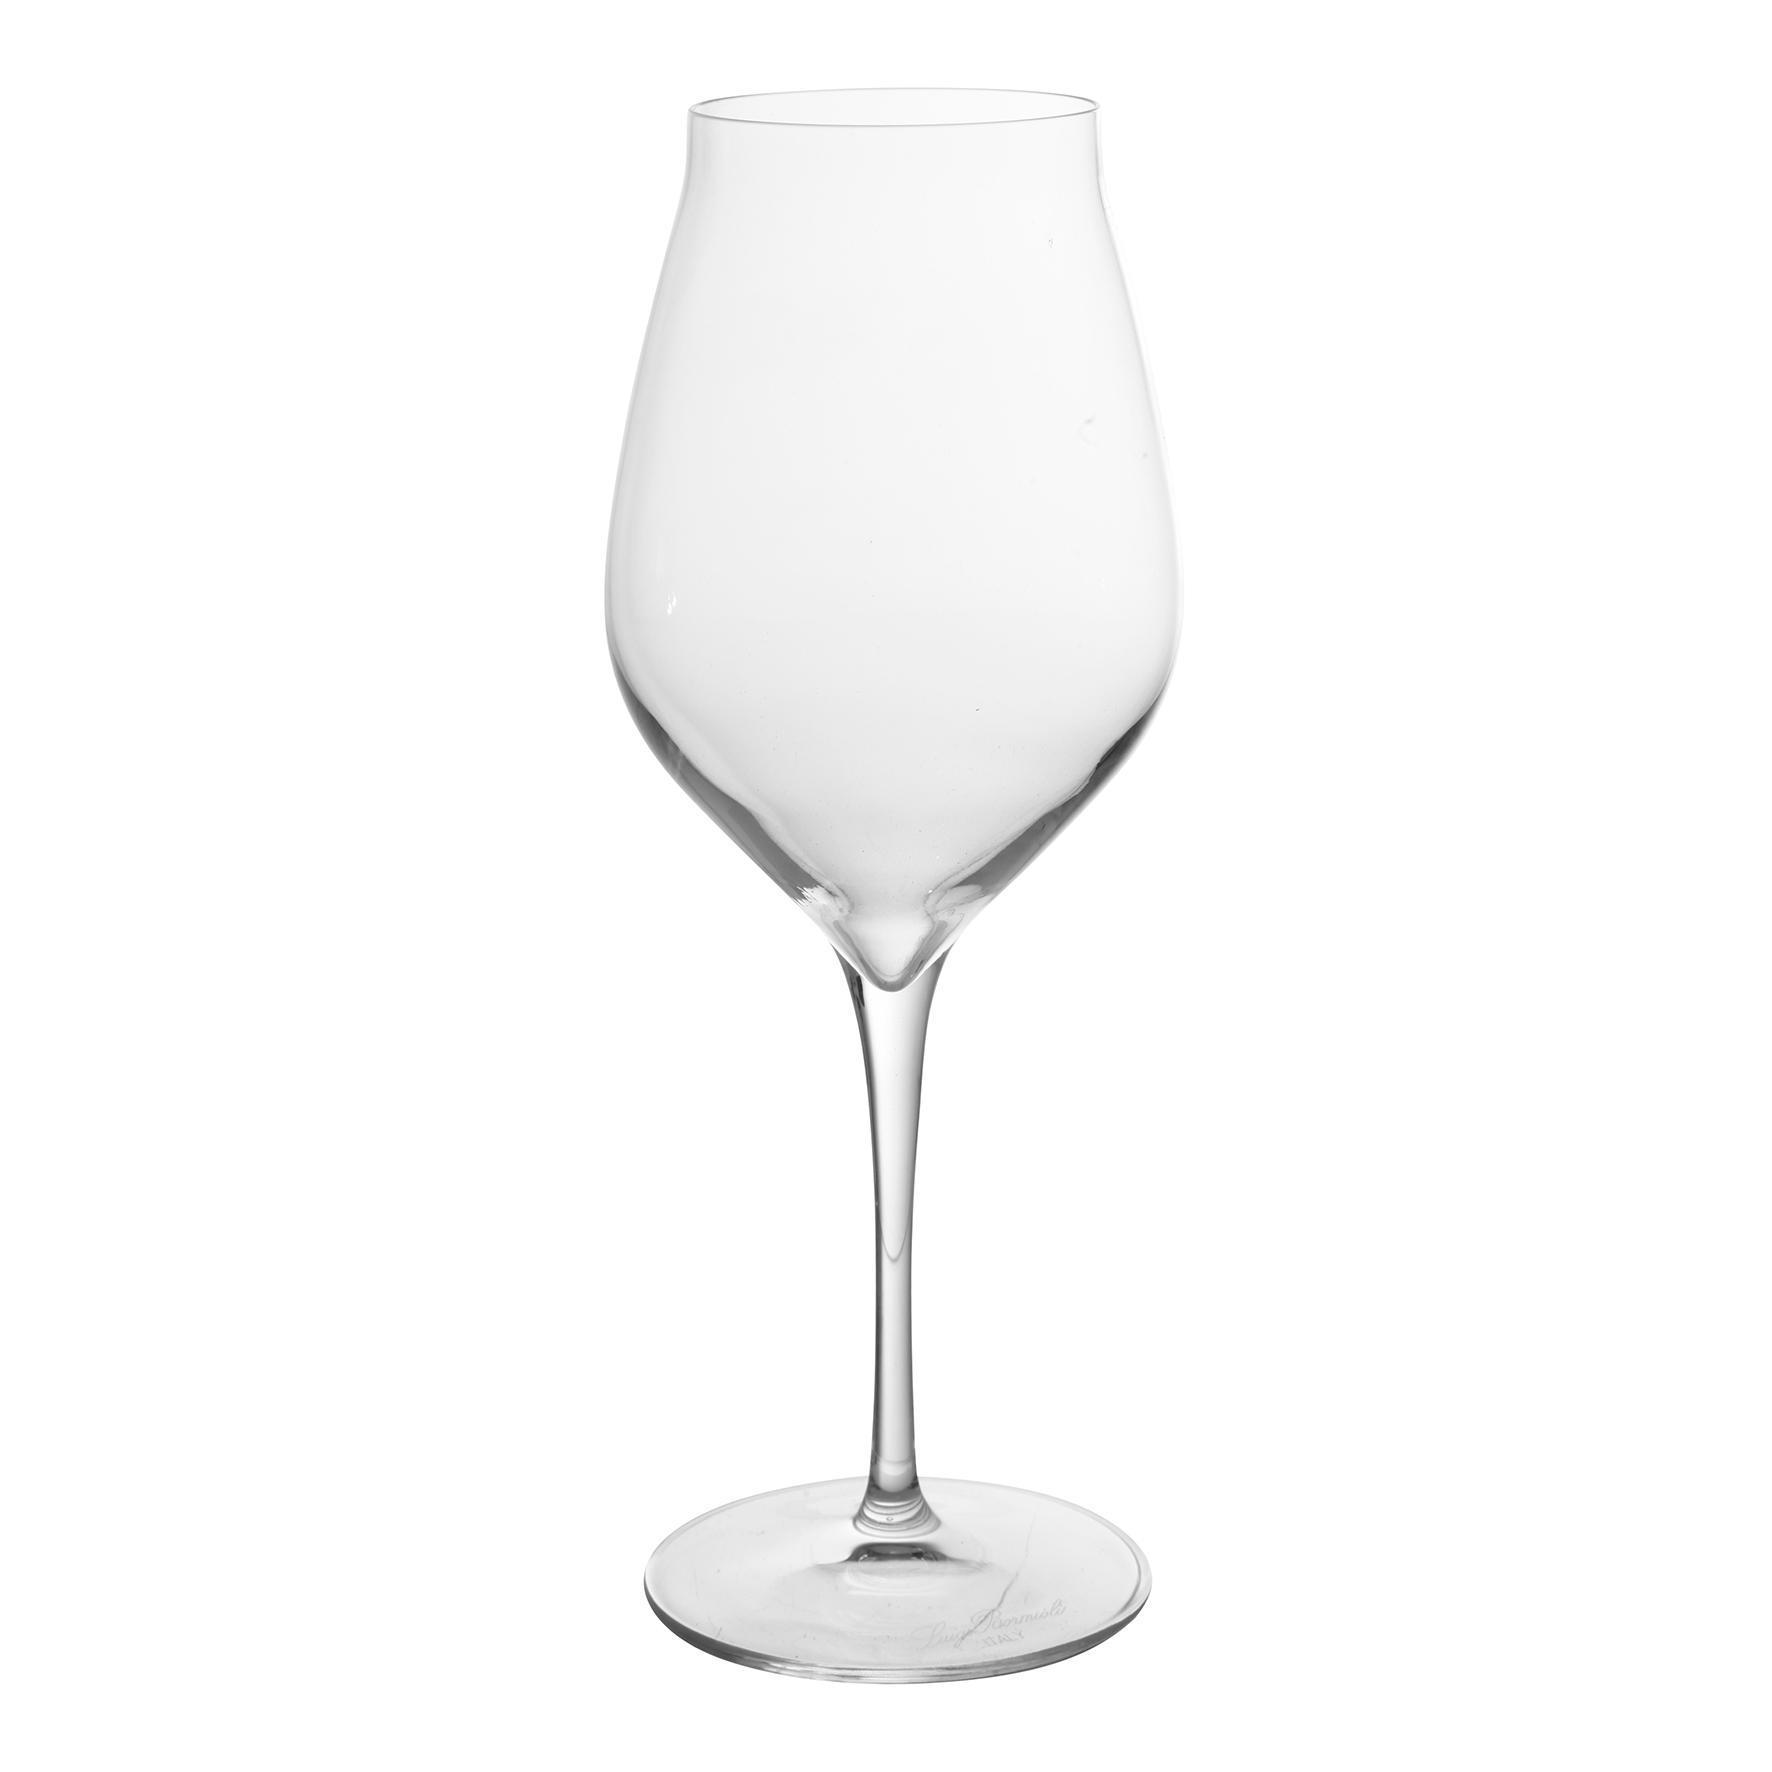 CÔTÉ TABLE Sklenička na víno Eau Vinea, čirá barva, sklo